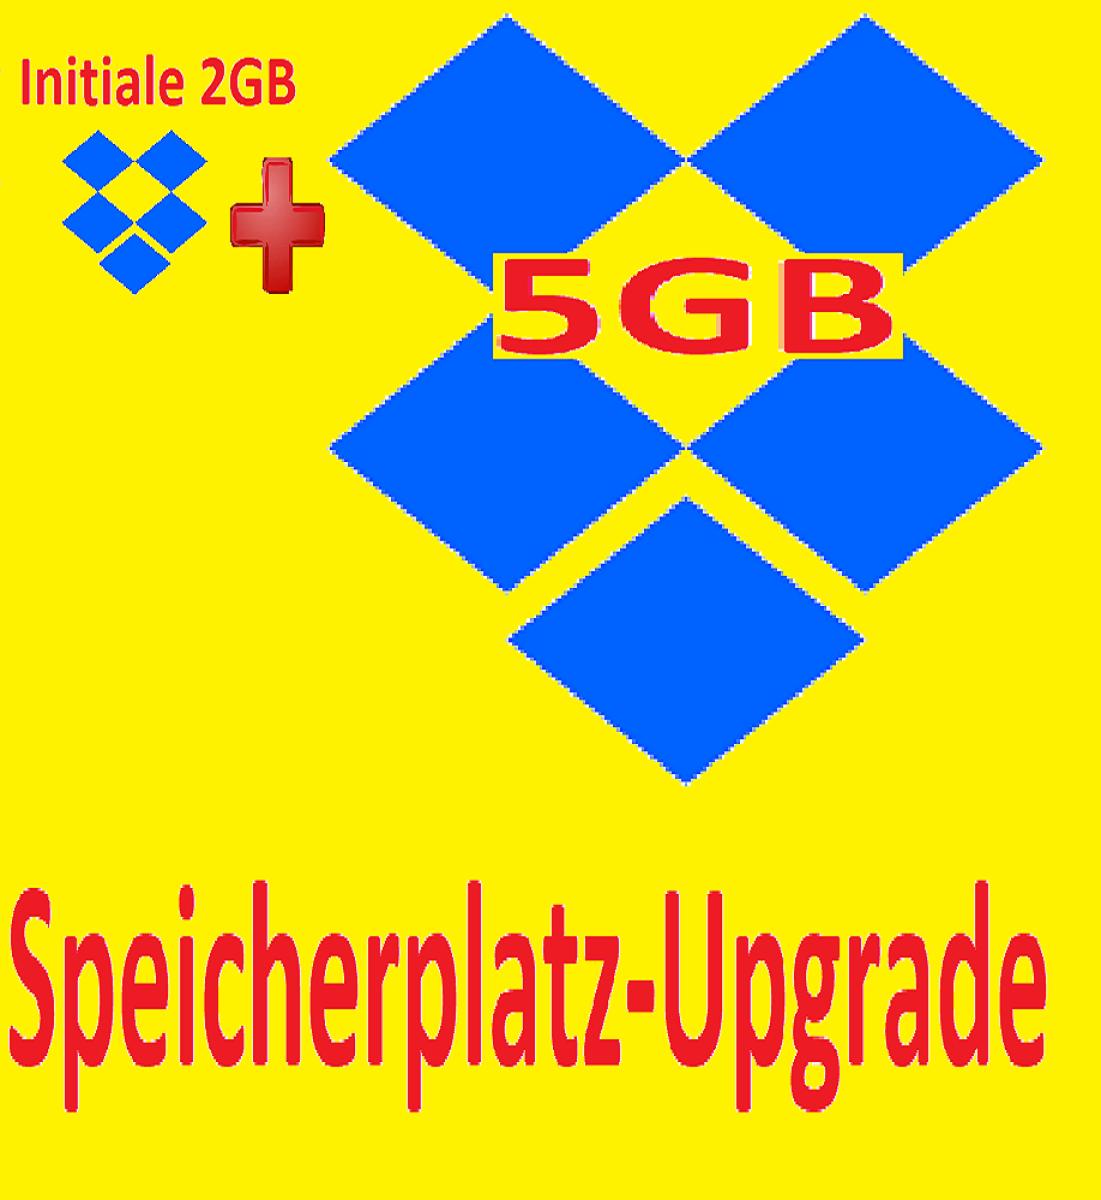 Dropbox Erweiterung ⭐  5GB ⭐Speicherplatz ⭐Upgrade Service⭐